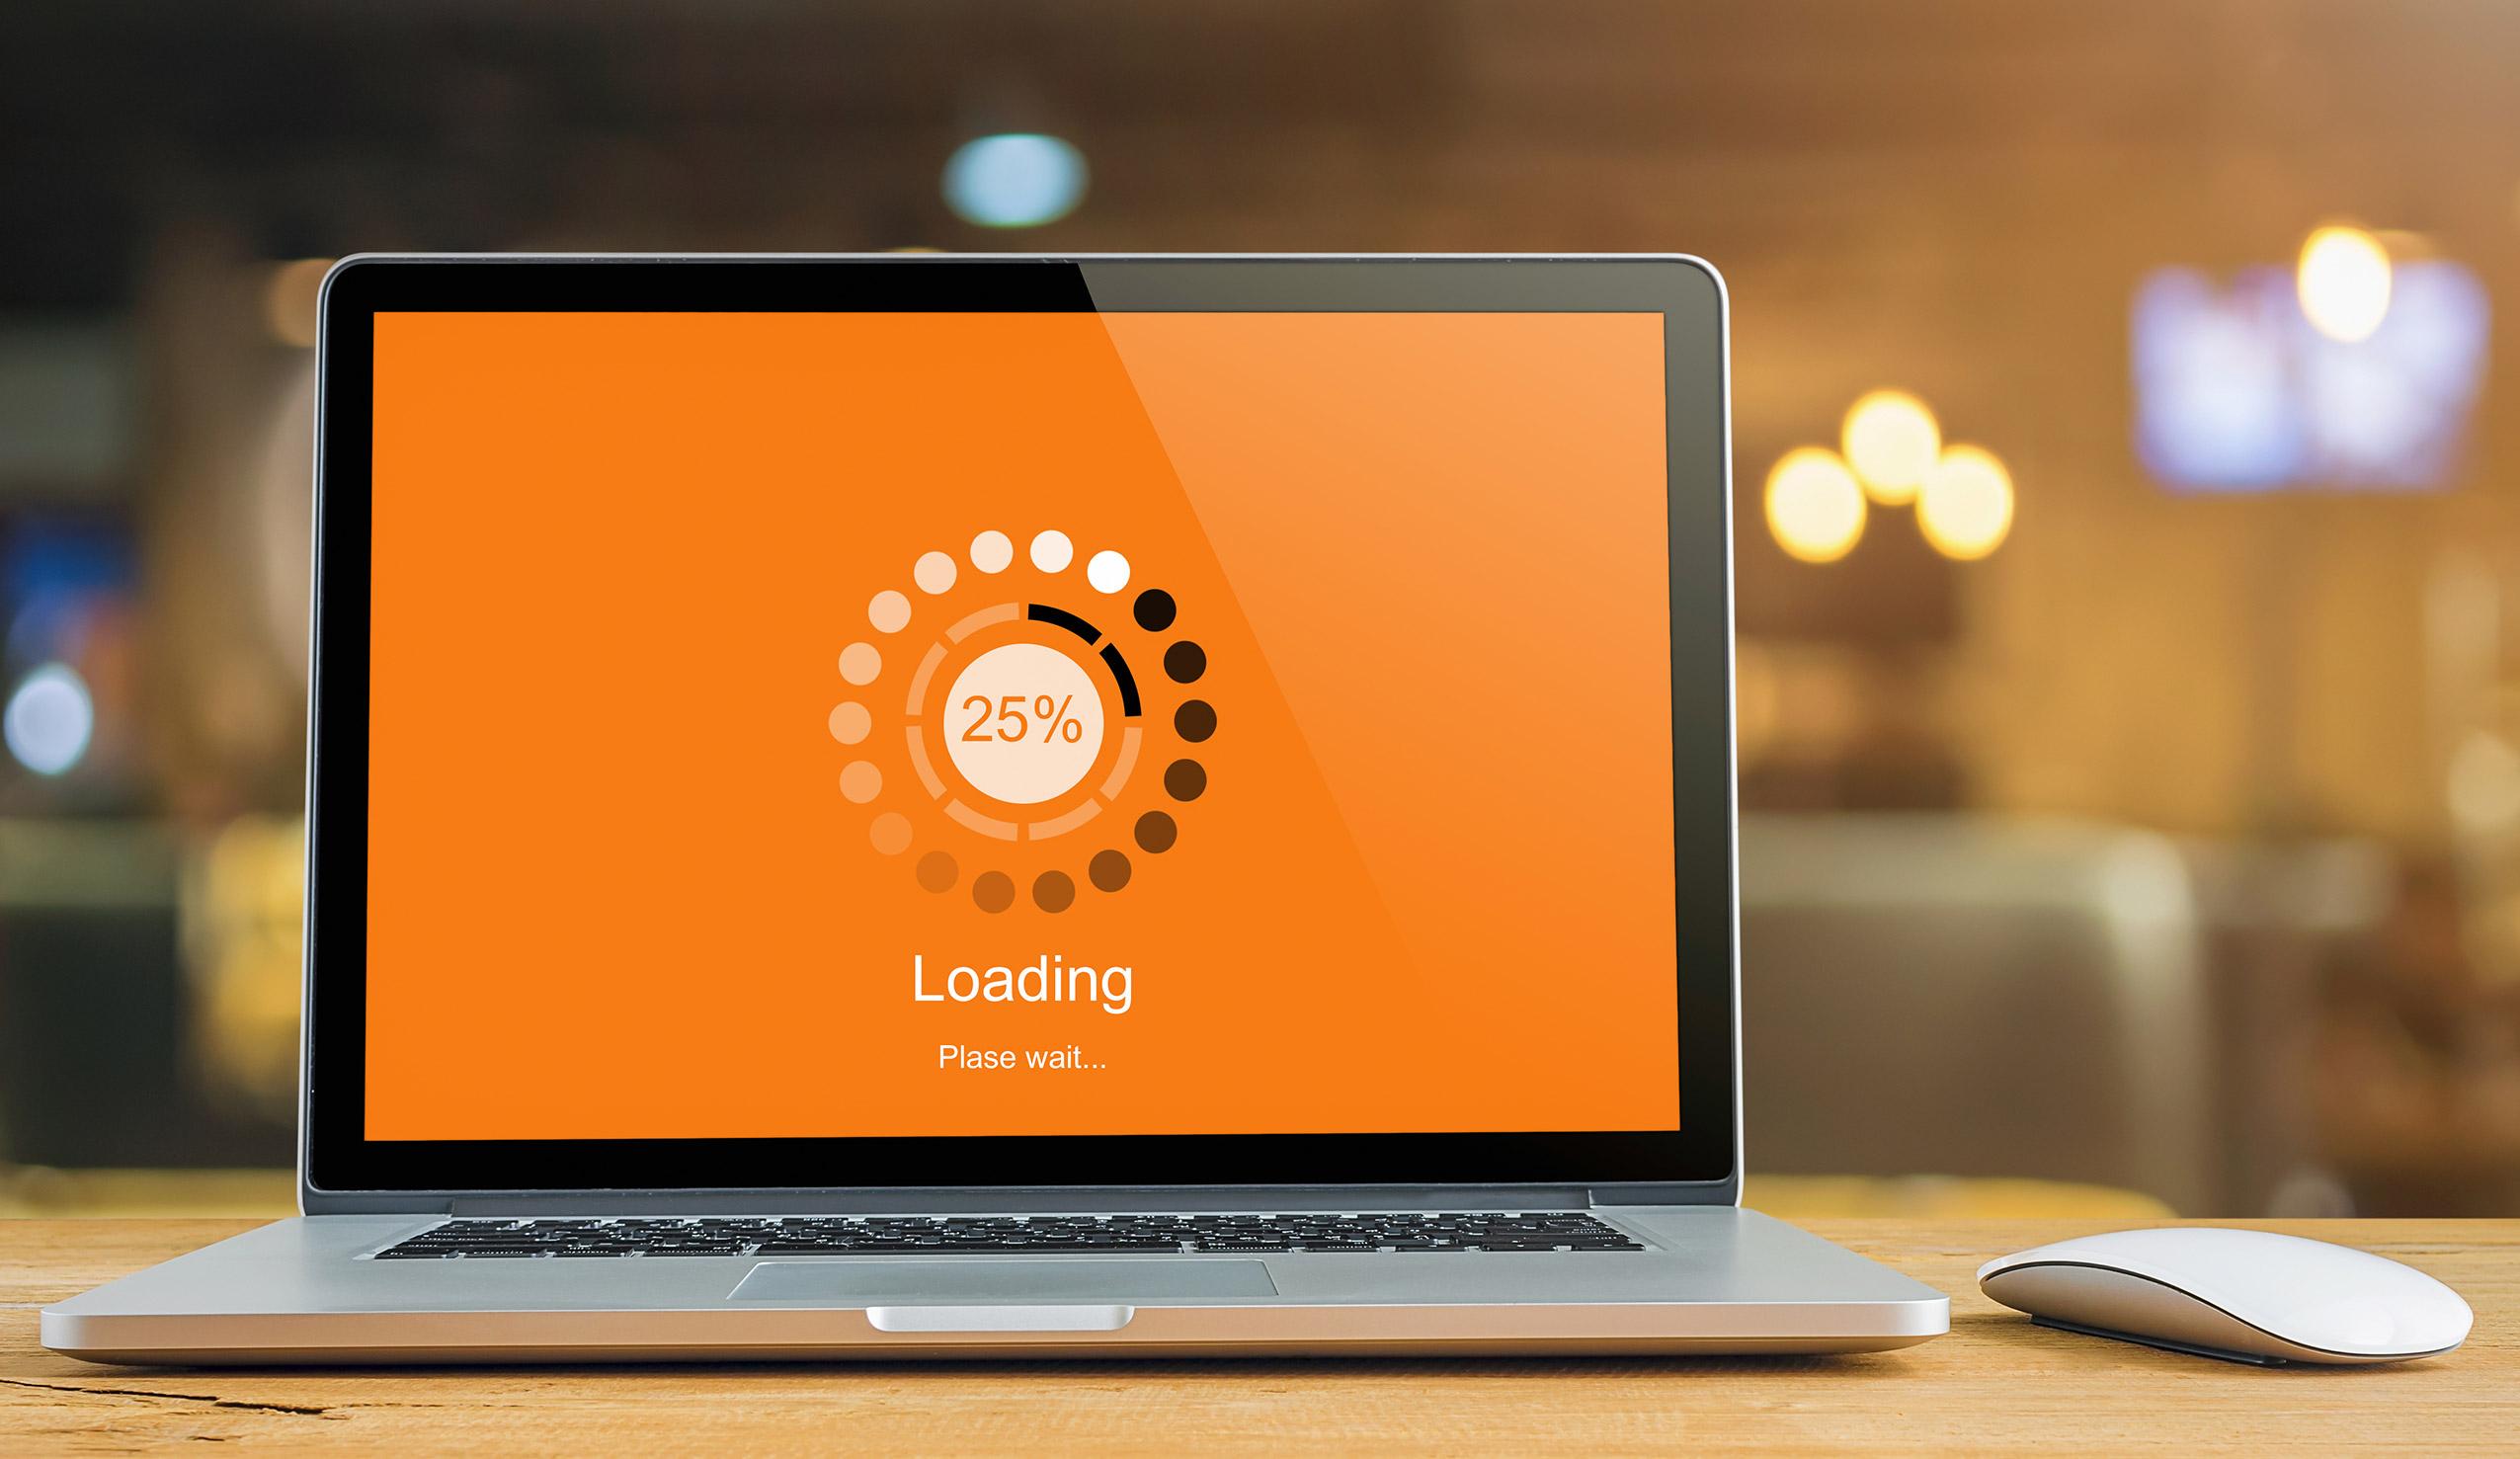 Perché il tuo sito è così lento? Ecco perché e come velocizzarlo